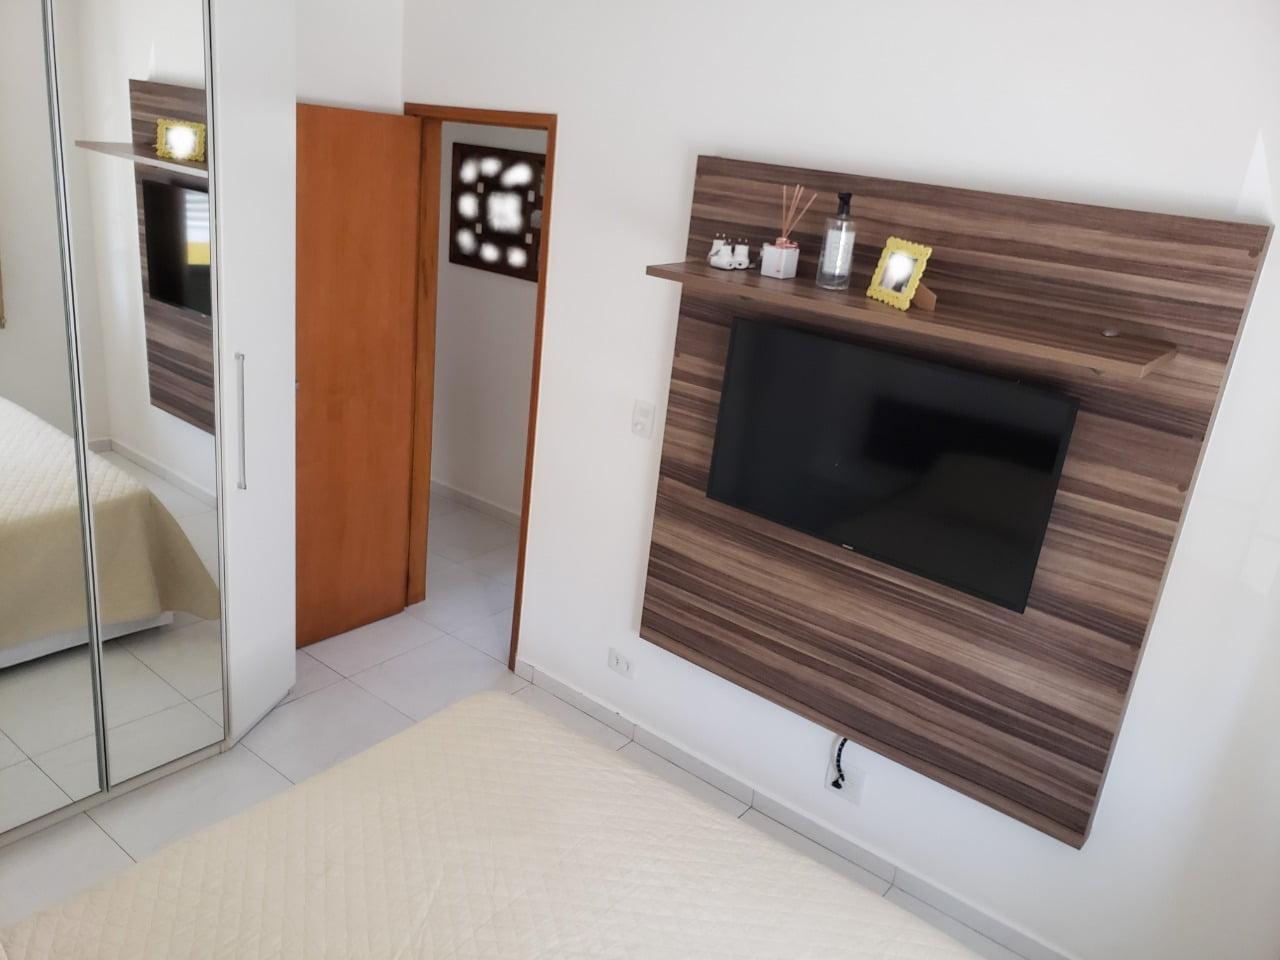 Apartamento no Bairro do Embaré , Santos , sendo 1º Andar, 3 dormitórios, 2 banheiros e garagem fechada. Todo reformado - foto 18